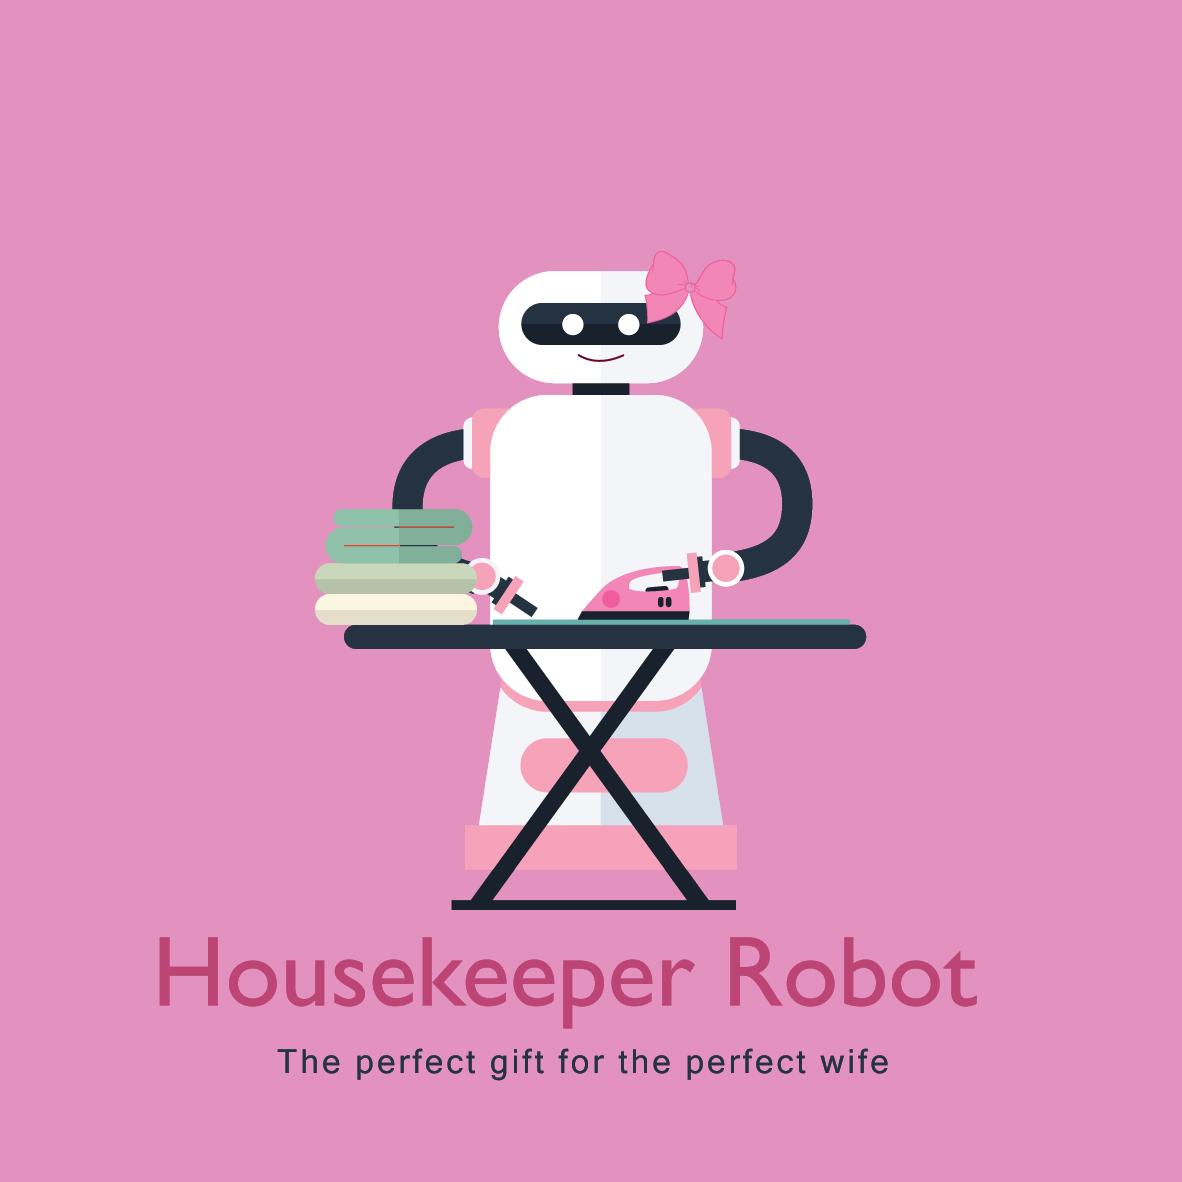 HousekeeperRobot_2